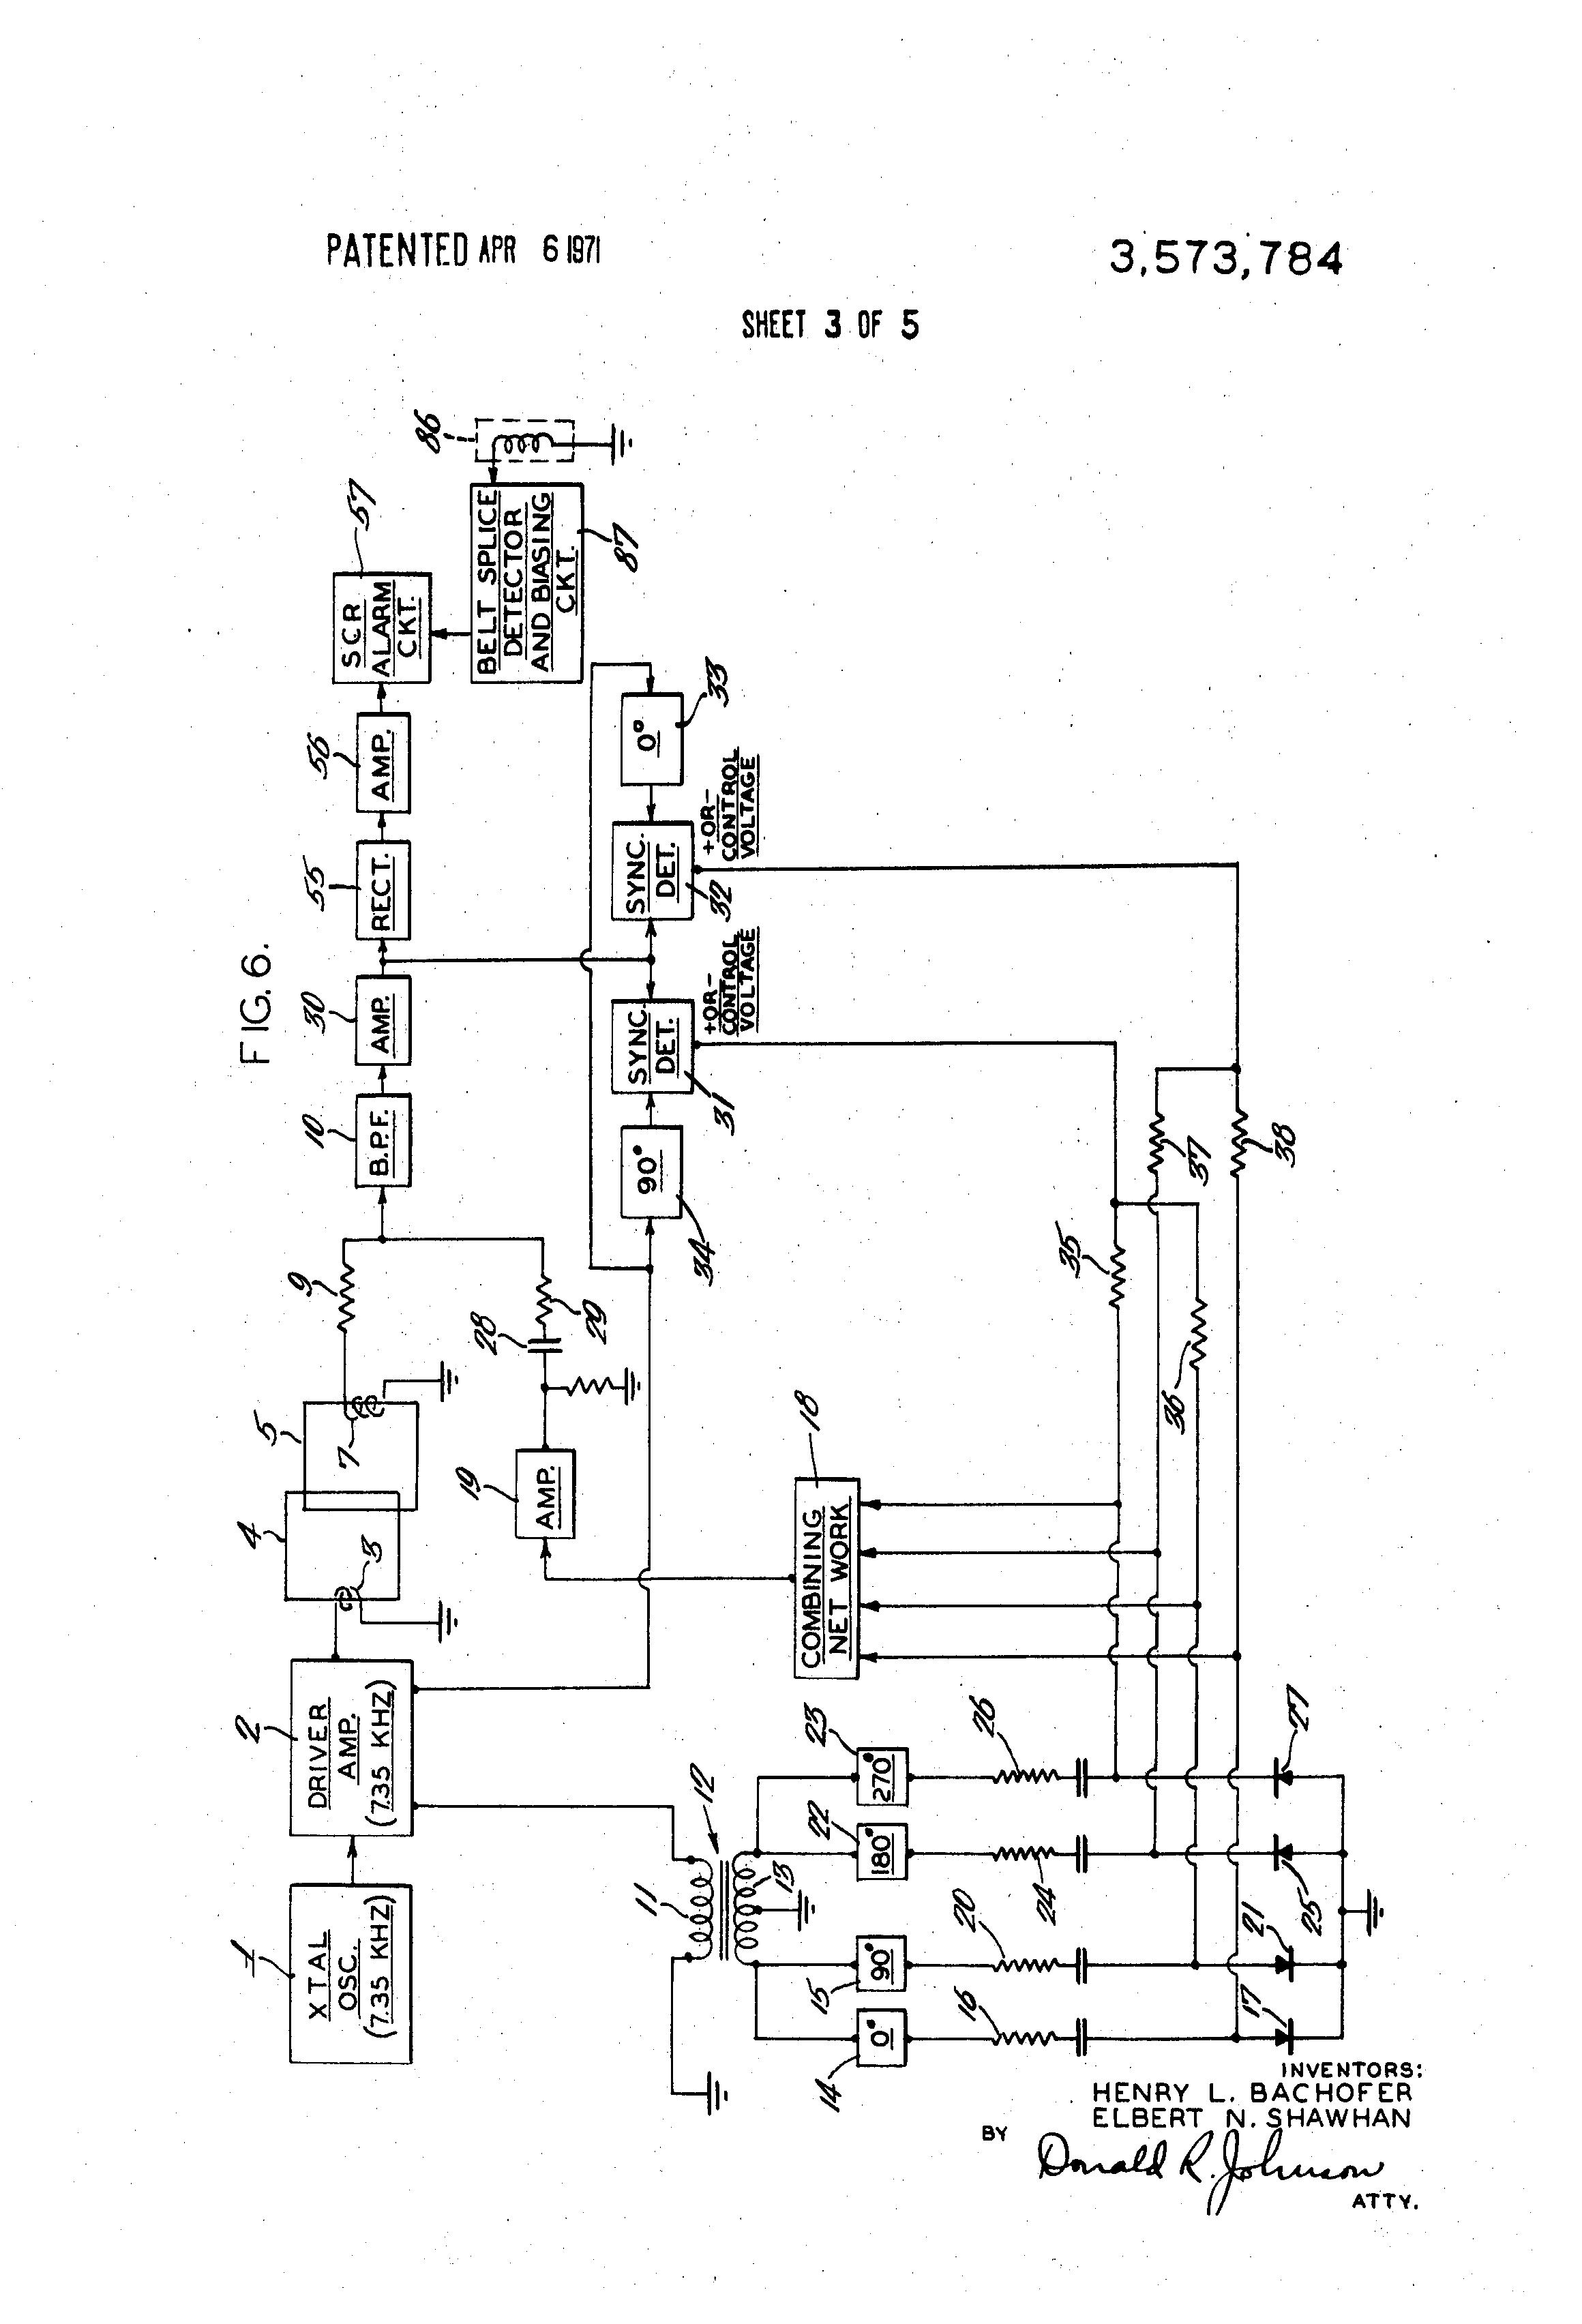 Asv Skid Steer Wiring Diagram - 2003 F250 7 3l Fuse Diagram - wiring .yenpancane.jeanjaures37.frWiring Diagram Resource